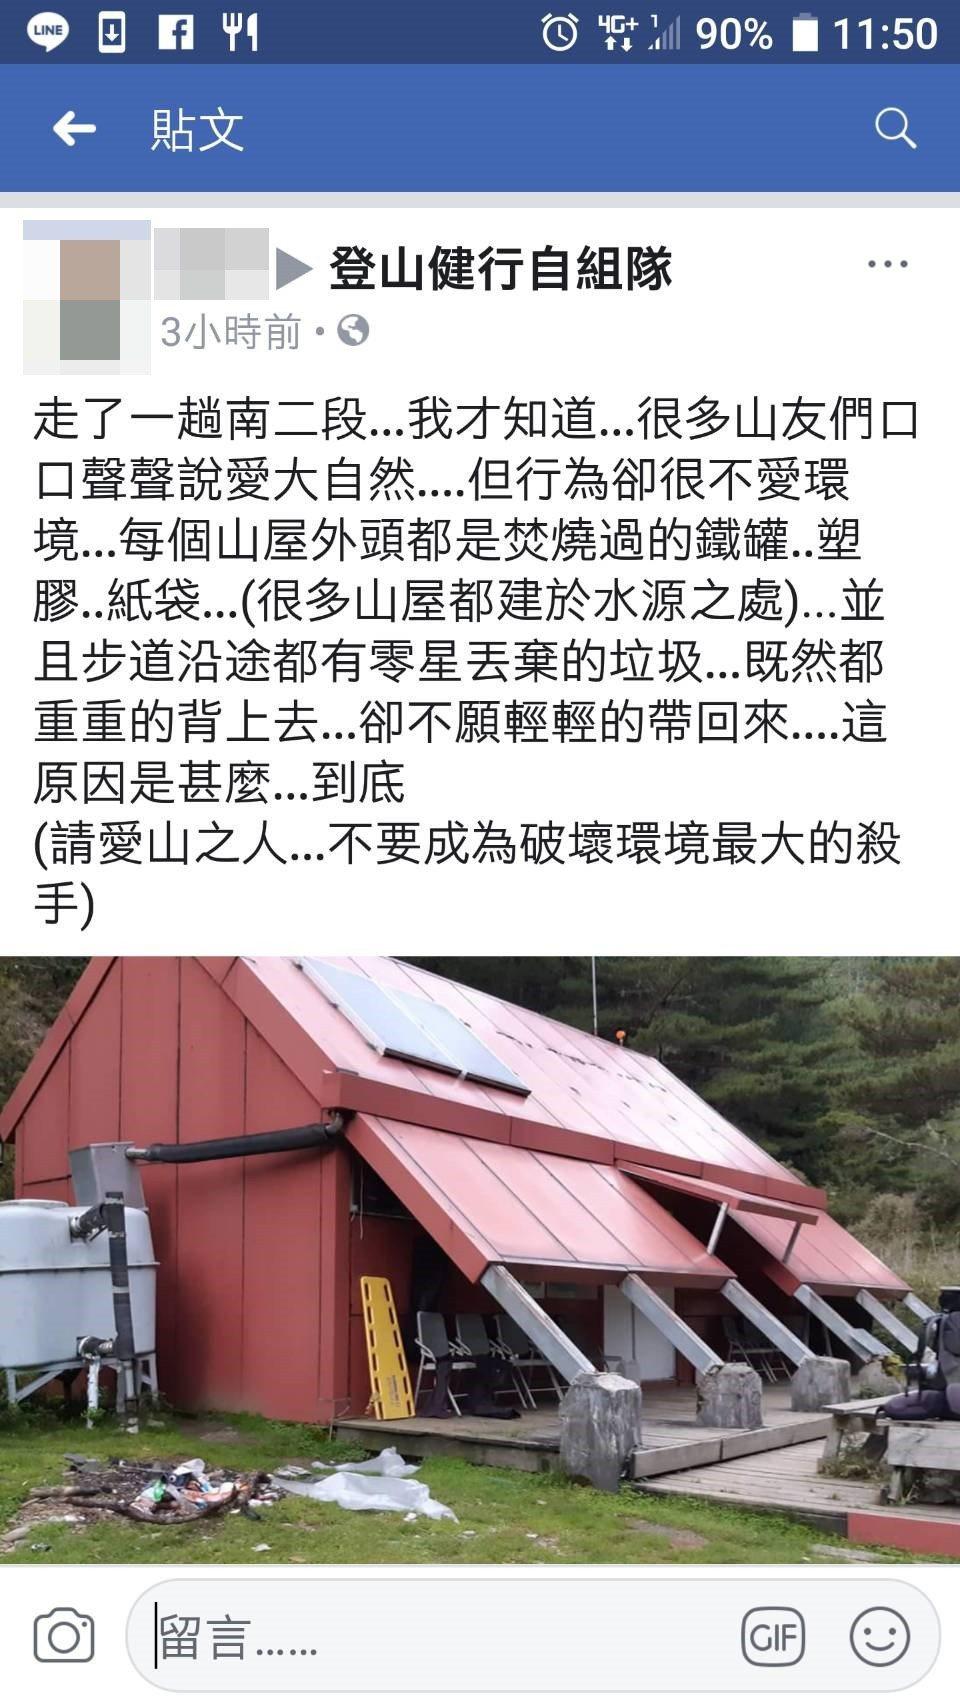 有網友攀登中央山脈南二段卻發現山屋旁遭人焚燒垃圾,在臉書社團感嘆發文。圖/翻攝自...